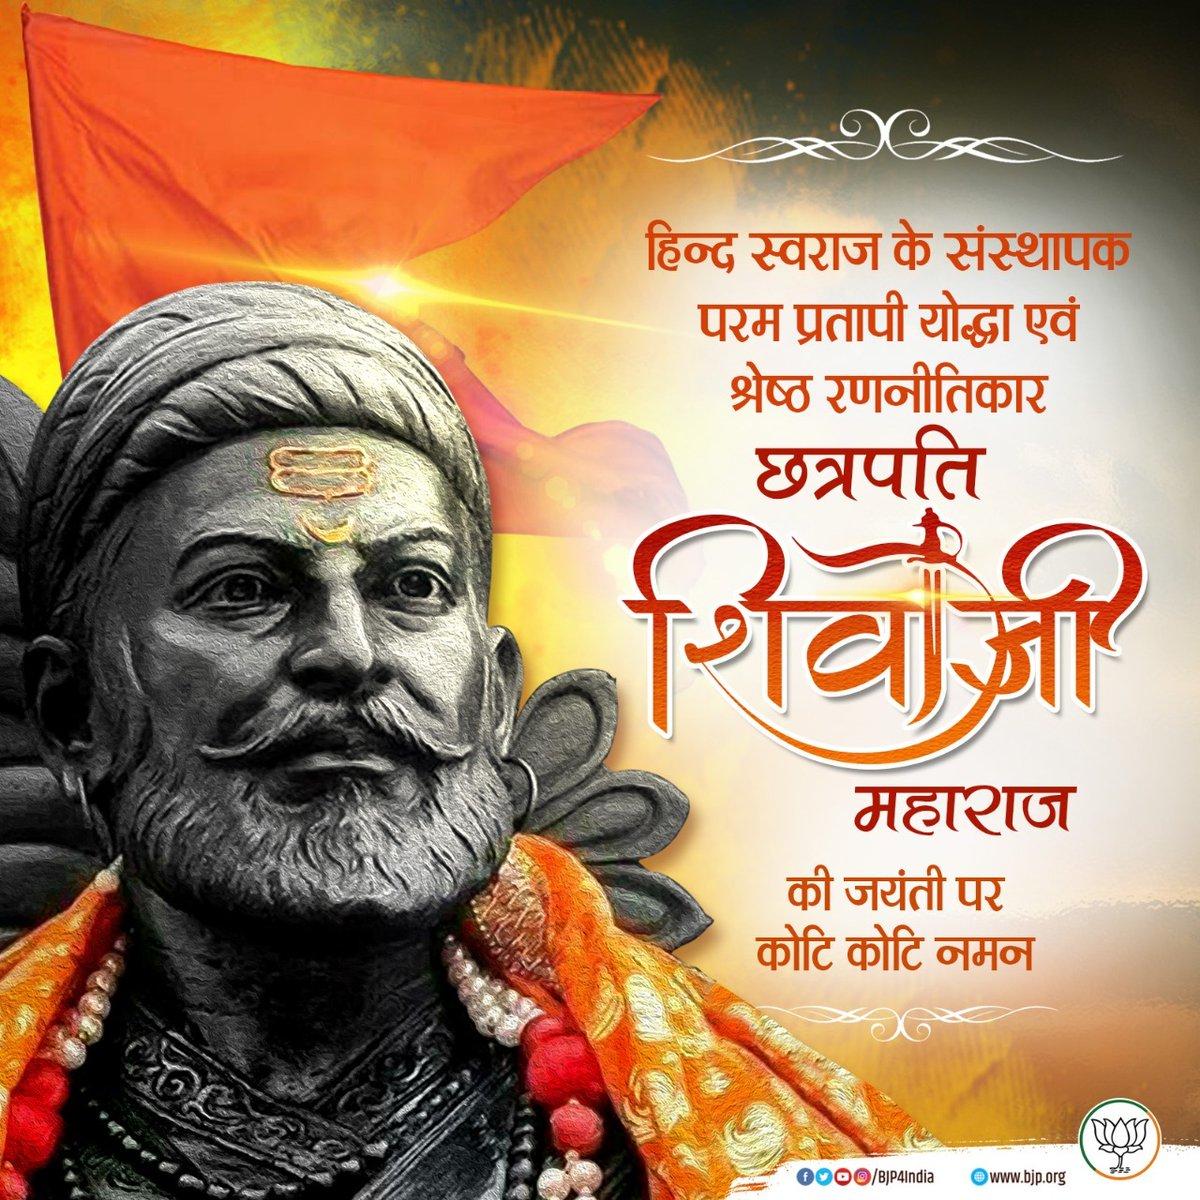 महाराजा छत्रपति शिवाजी महाराज की जयंती पर कोटि-कोटि नमन